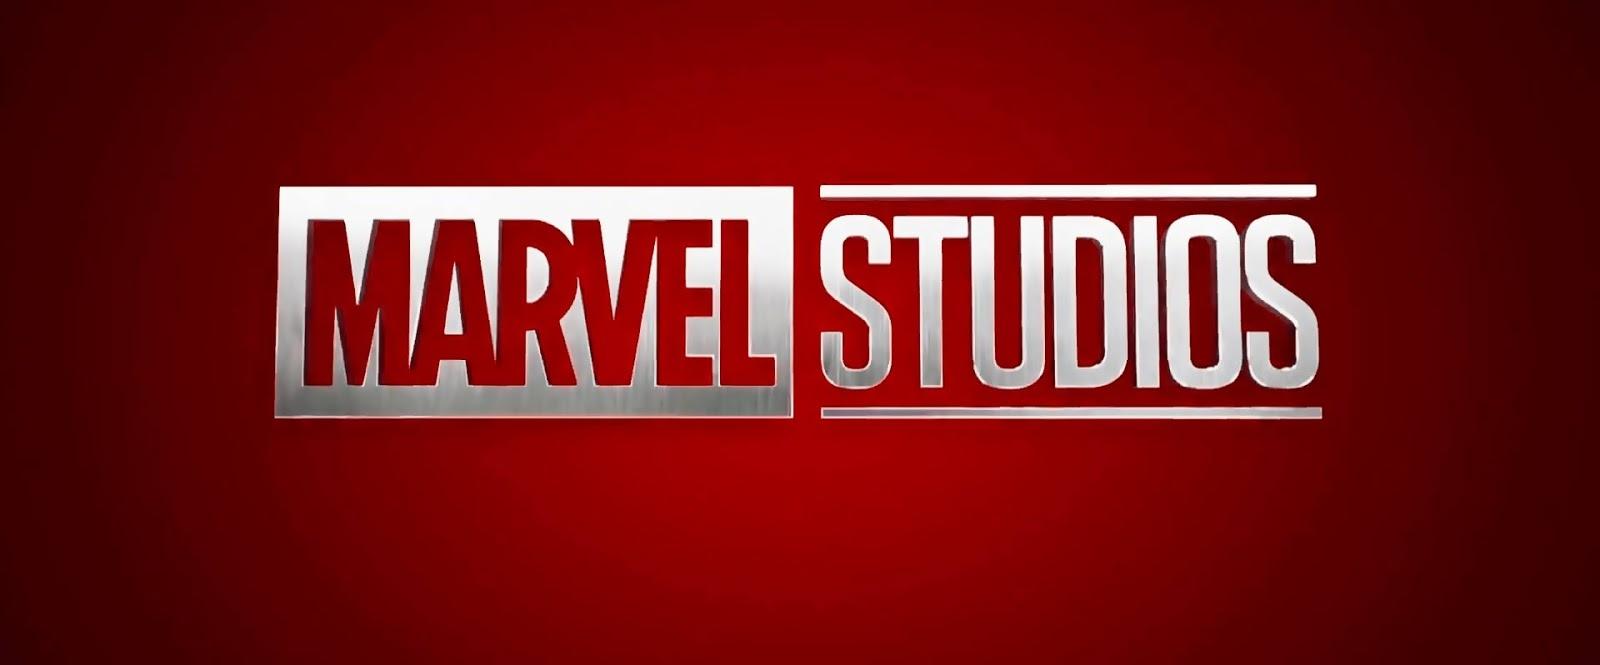 UTndEfH - [ Phim 3gp Mp4 ] Tổng hợp tất cả các phim của Marvel Studios | Vietsub -  Thứ tự xem chuẩn xác nhất!